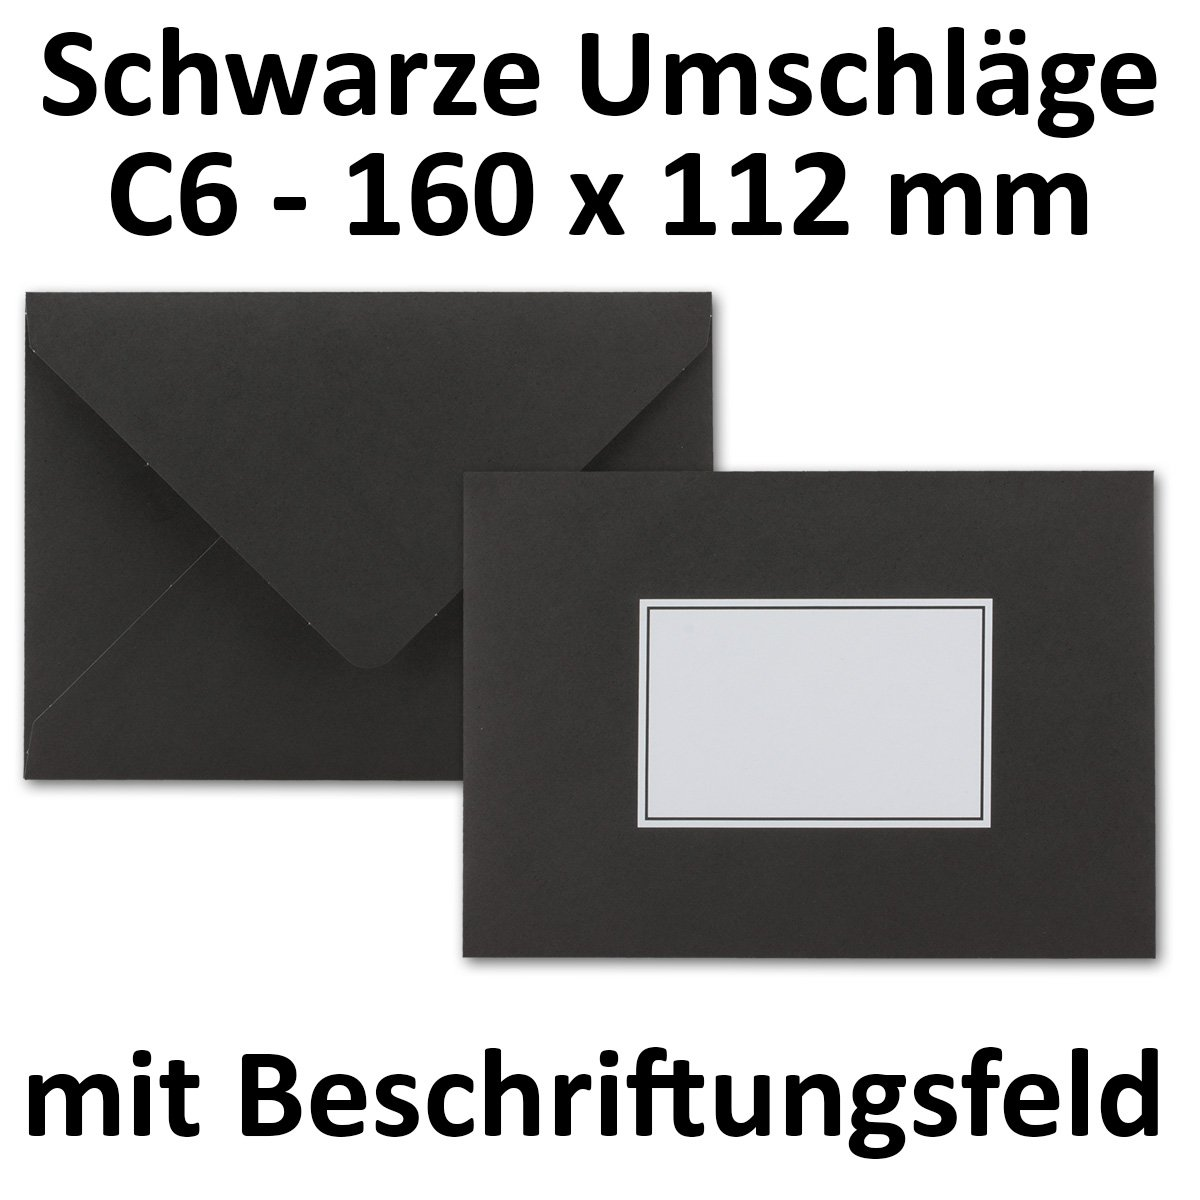 50X NERO speciali Buste formato C6  con iscrizione   160X 112mm   nassklebung   80G/M²   Il Dolore Buste di buste di carta Buste di buste NEUSER